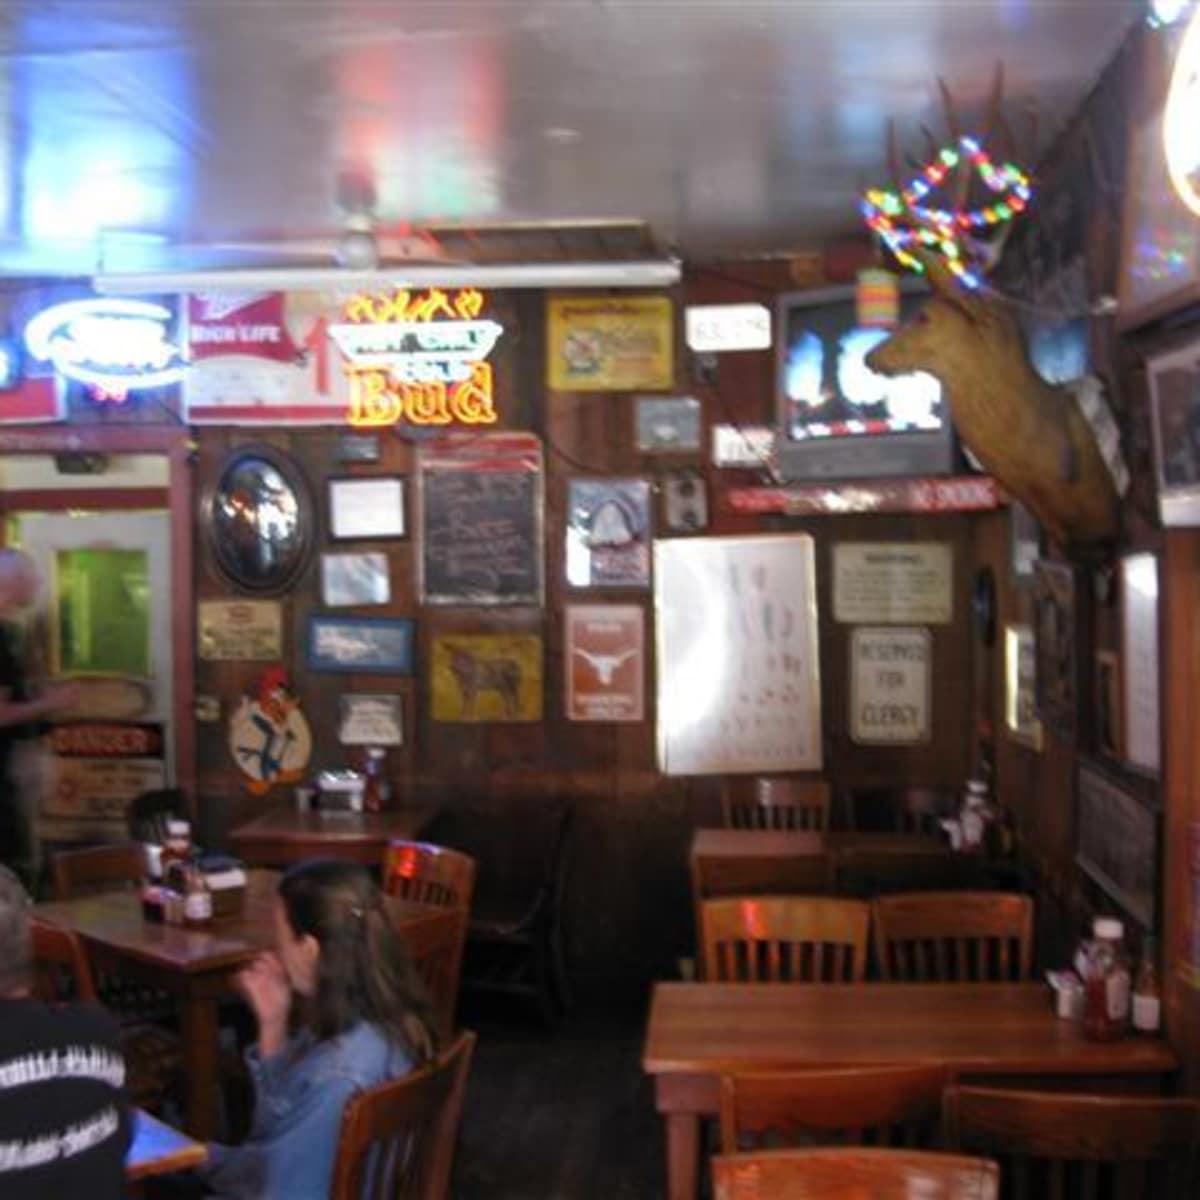 Austin_photo: places_food_texaschiliparlor_bar